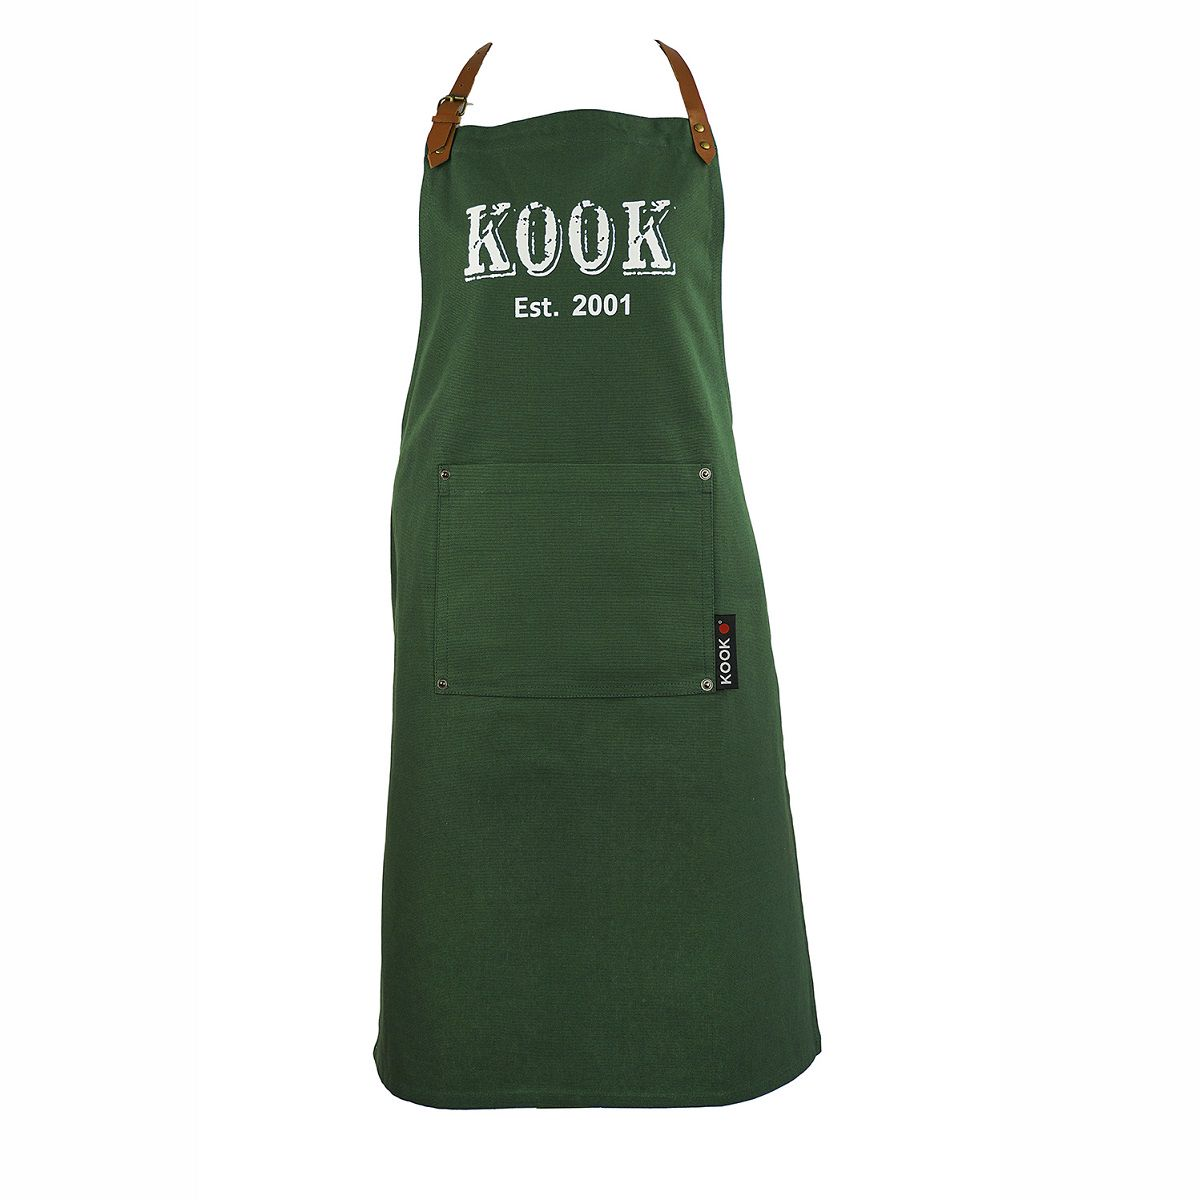 KOOK Keukenschort Vintage Groen